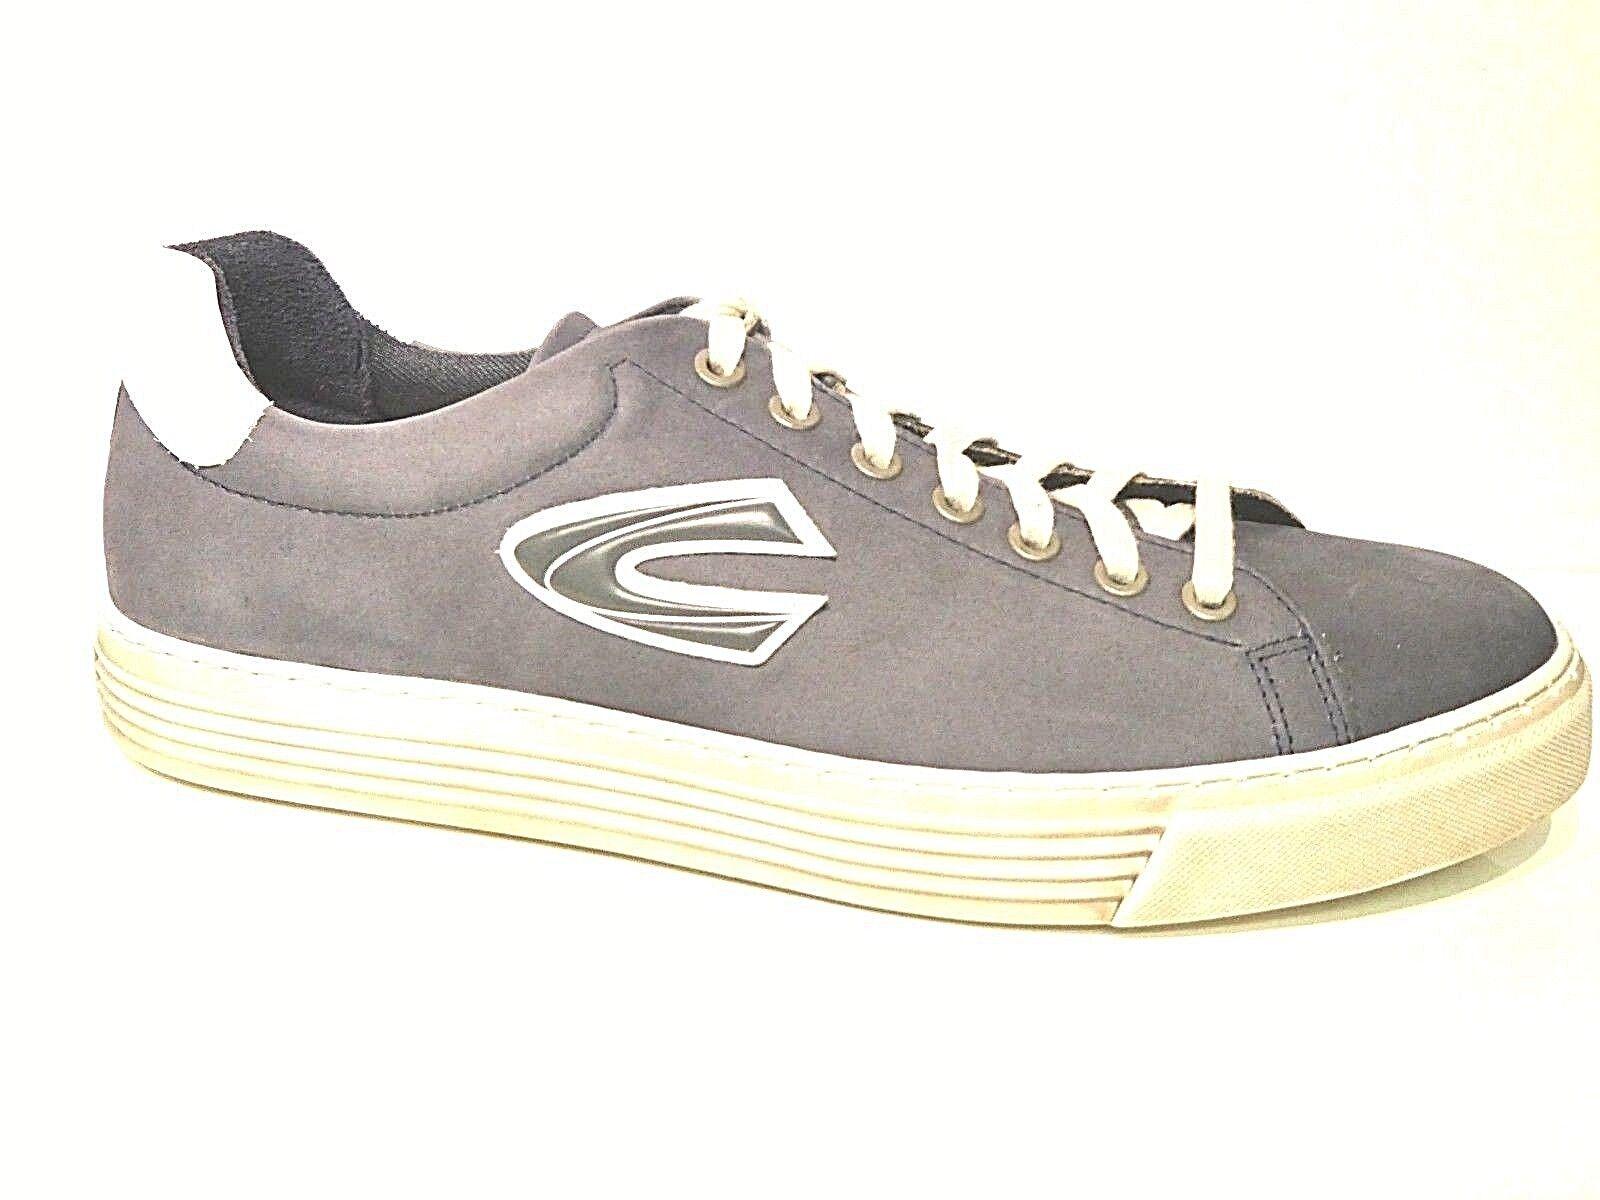 Camel Active Herren Schuhe Sneaker Skater Bowl navy blau washed weiß Leder